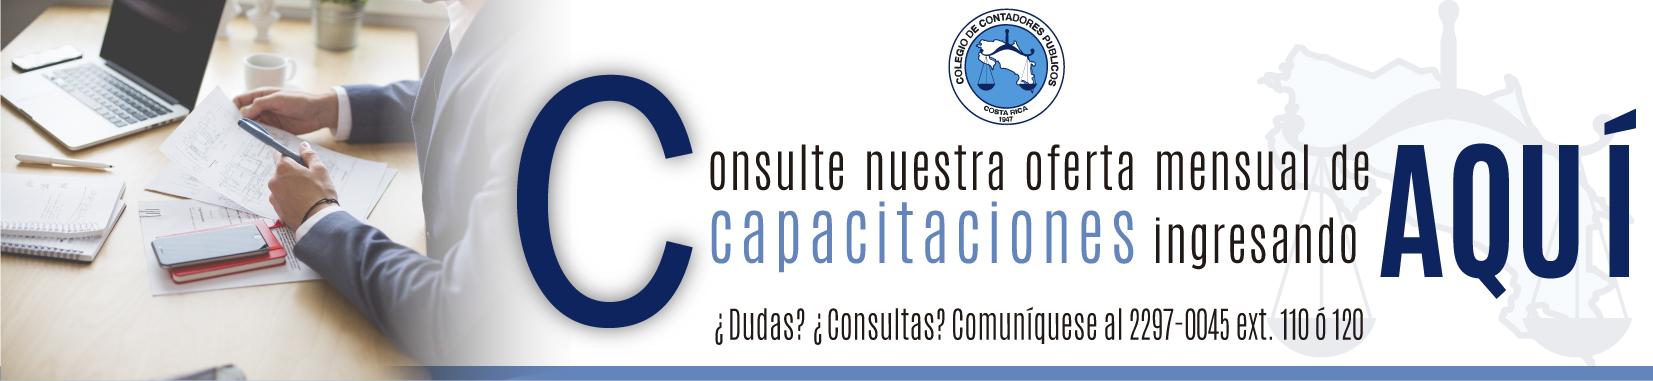 cintillo_capacitaciones-01